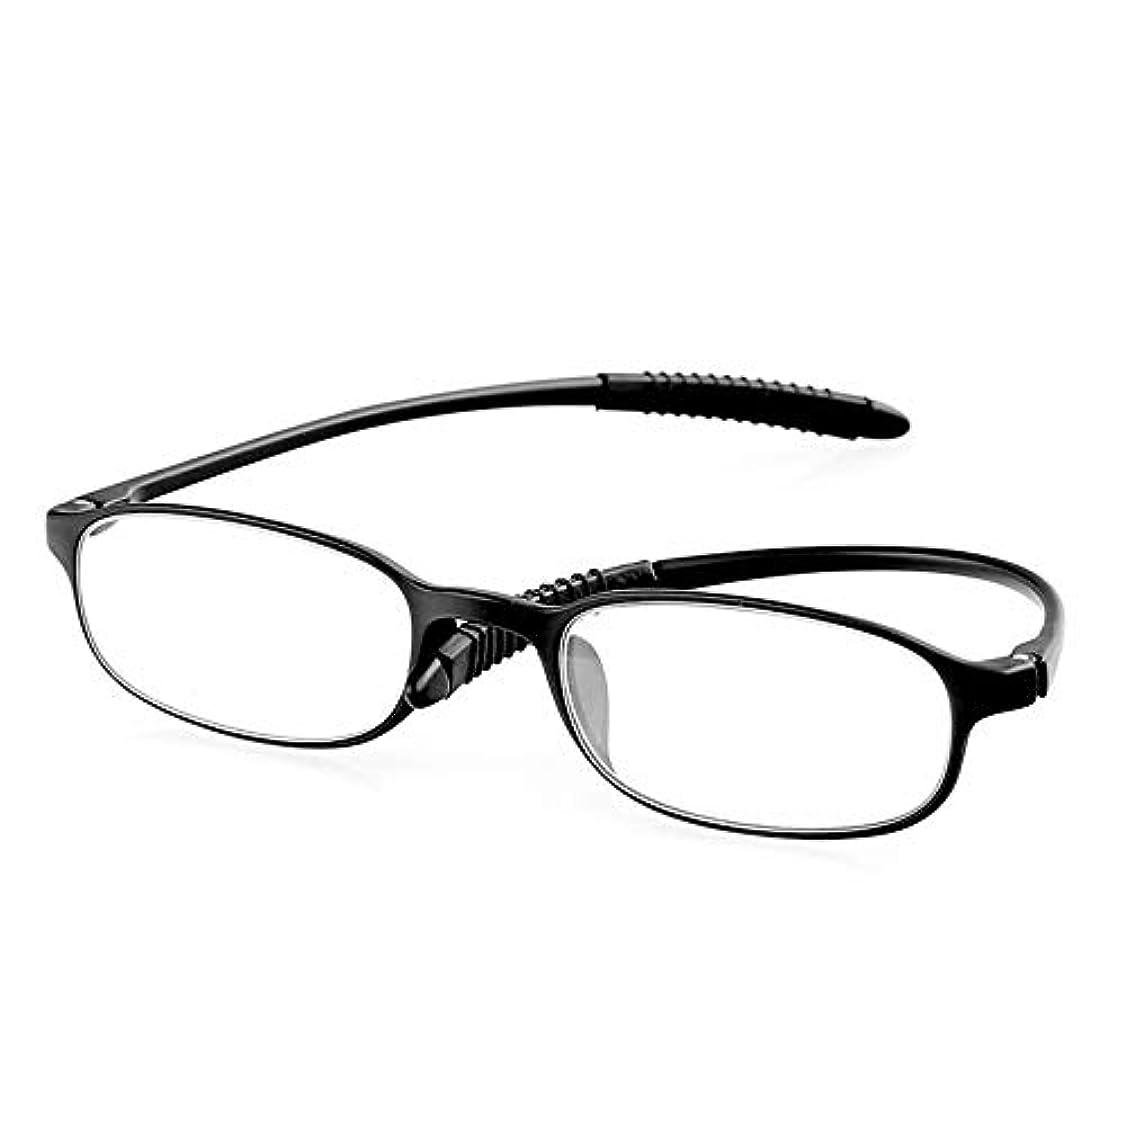 黒フルフレーム老眼鏡、スタイリッシュな超軽量老眼鏡、男性と女性用のポータブル光学ガラス(+ 1.00?+ 3.00)